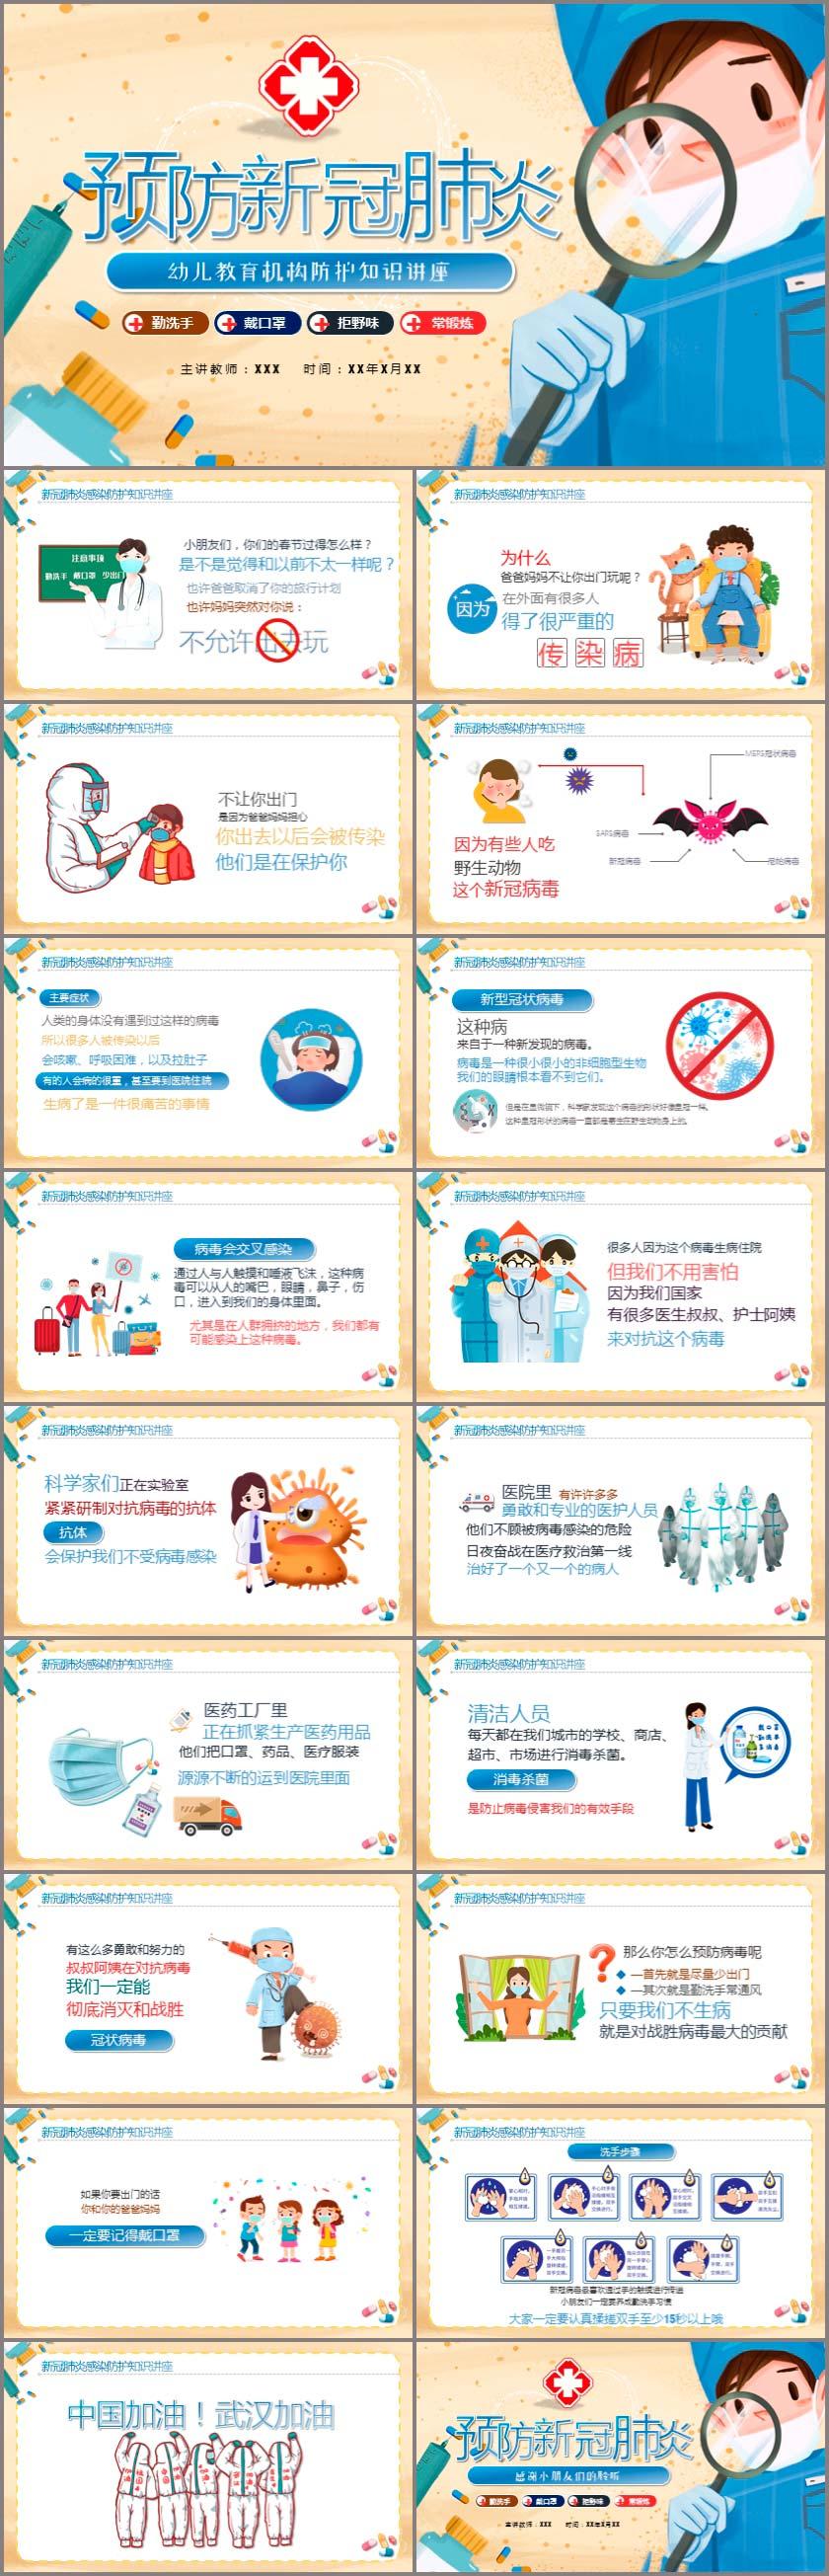 幼儿教育机构疫情防护知识讲座PPT模板